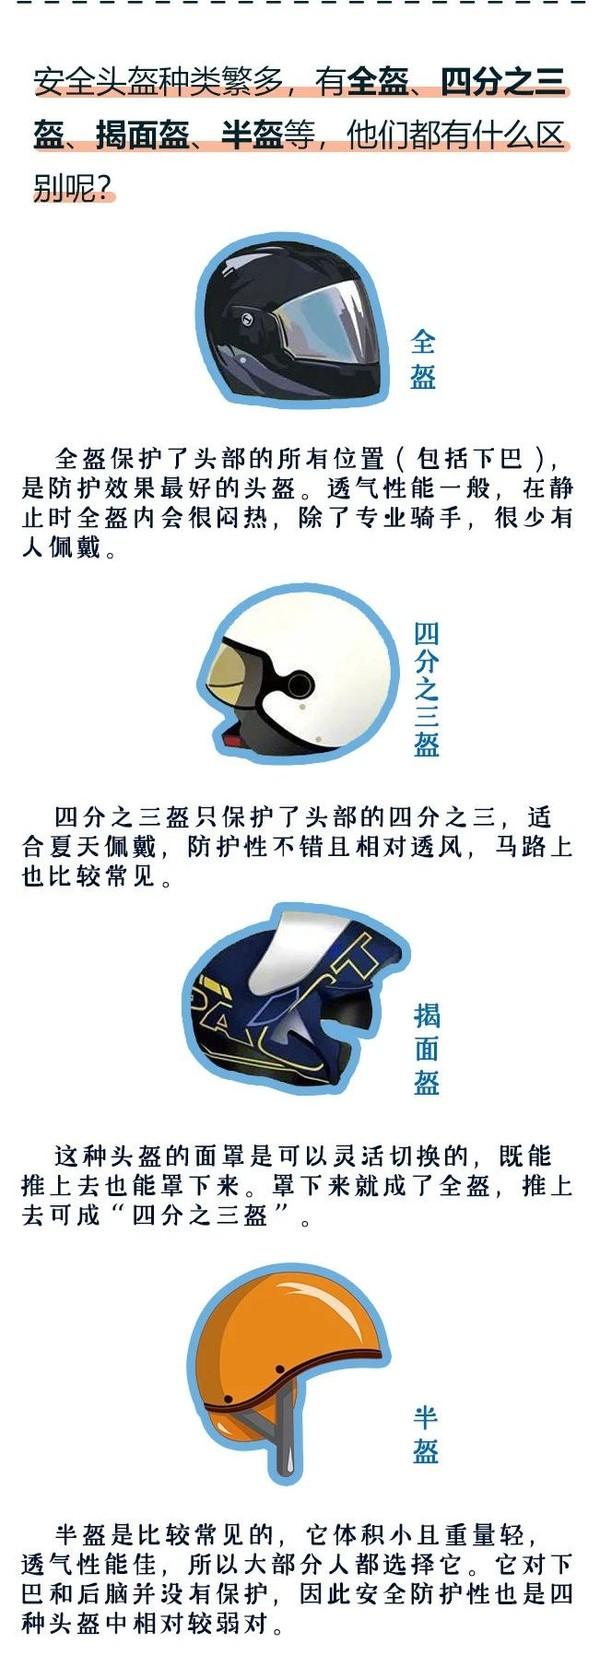 微信图片_20200519105852.jpg